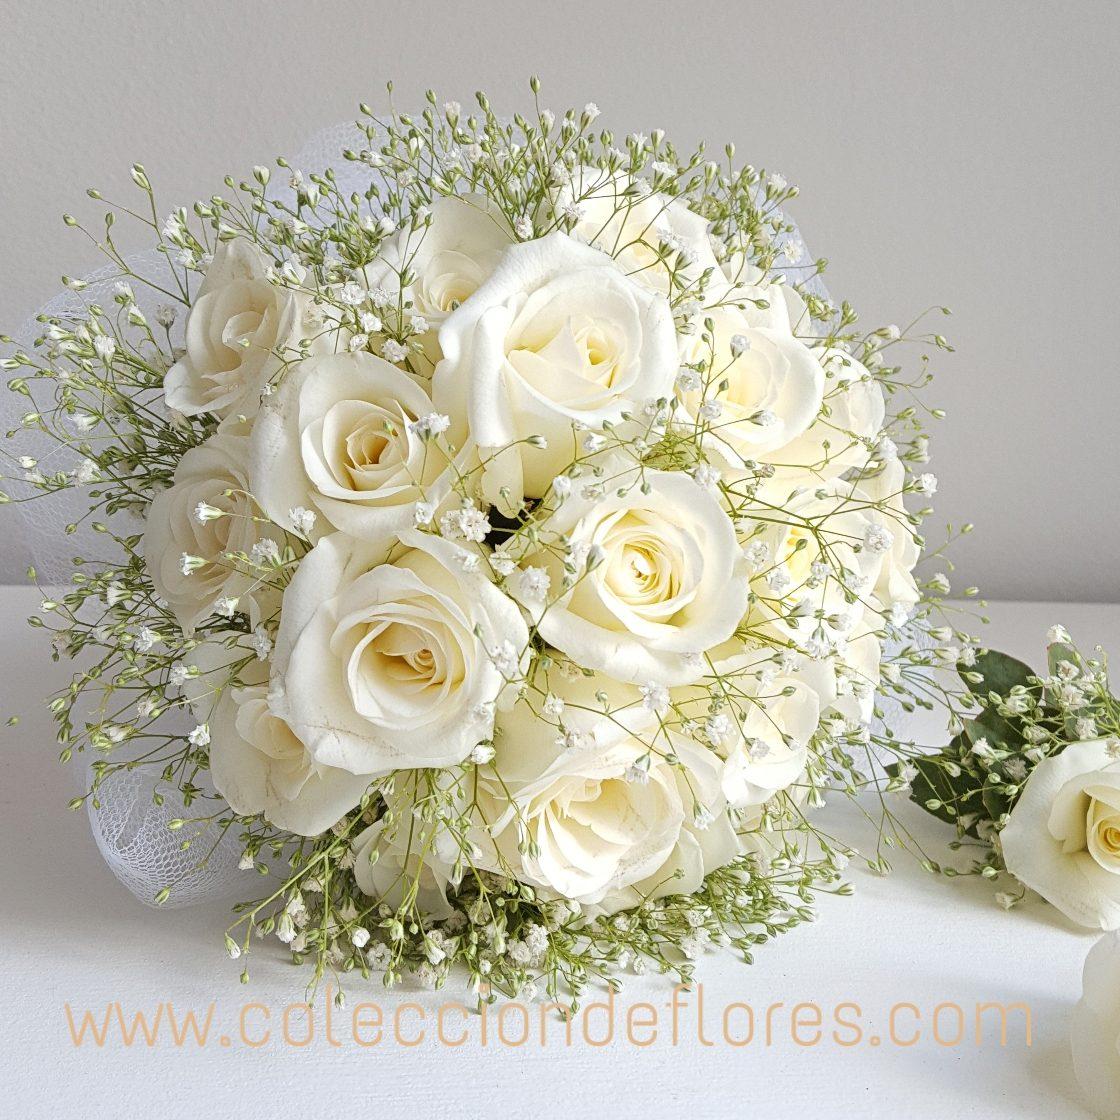 Ramo Novia Rosas Blancas Naturales Envio A Domicilio 143500 - Imagenes-de-ramos-de-rosas-blancas